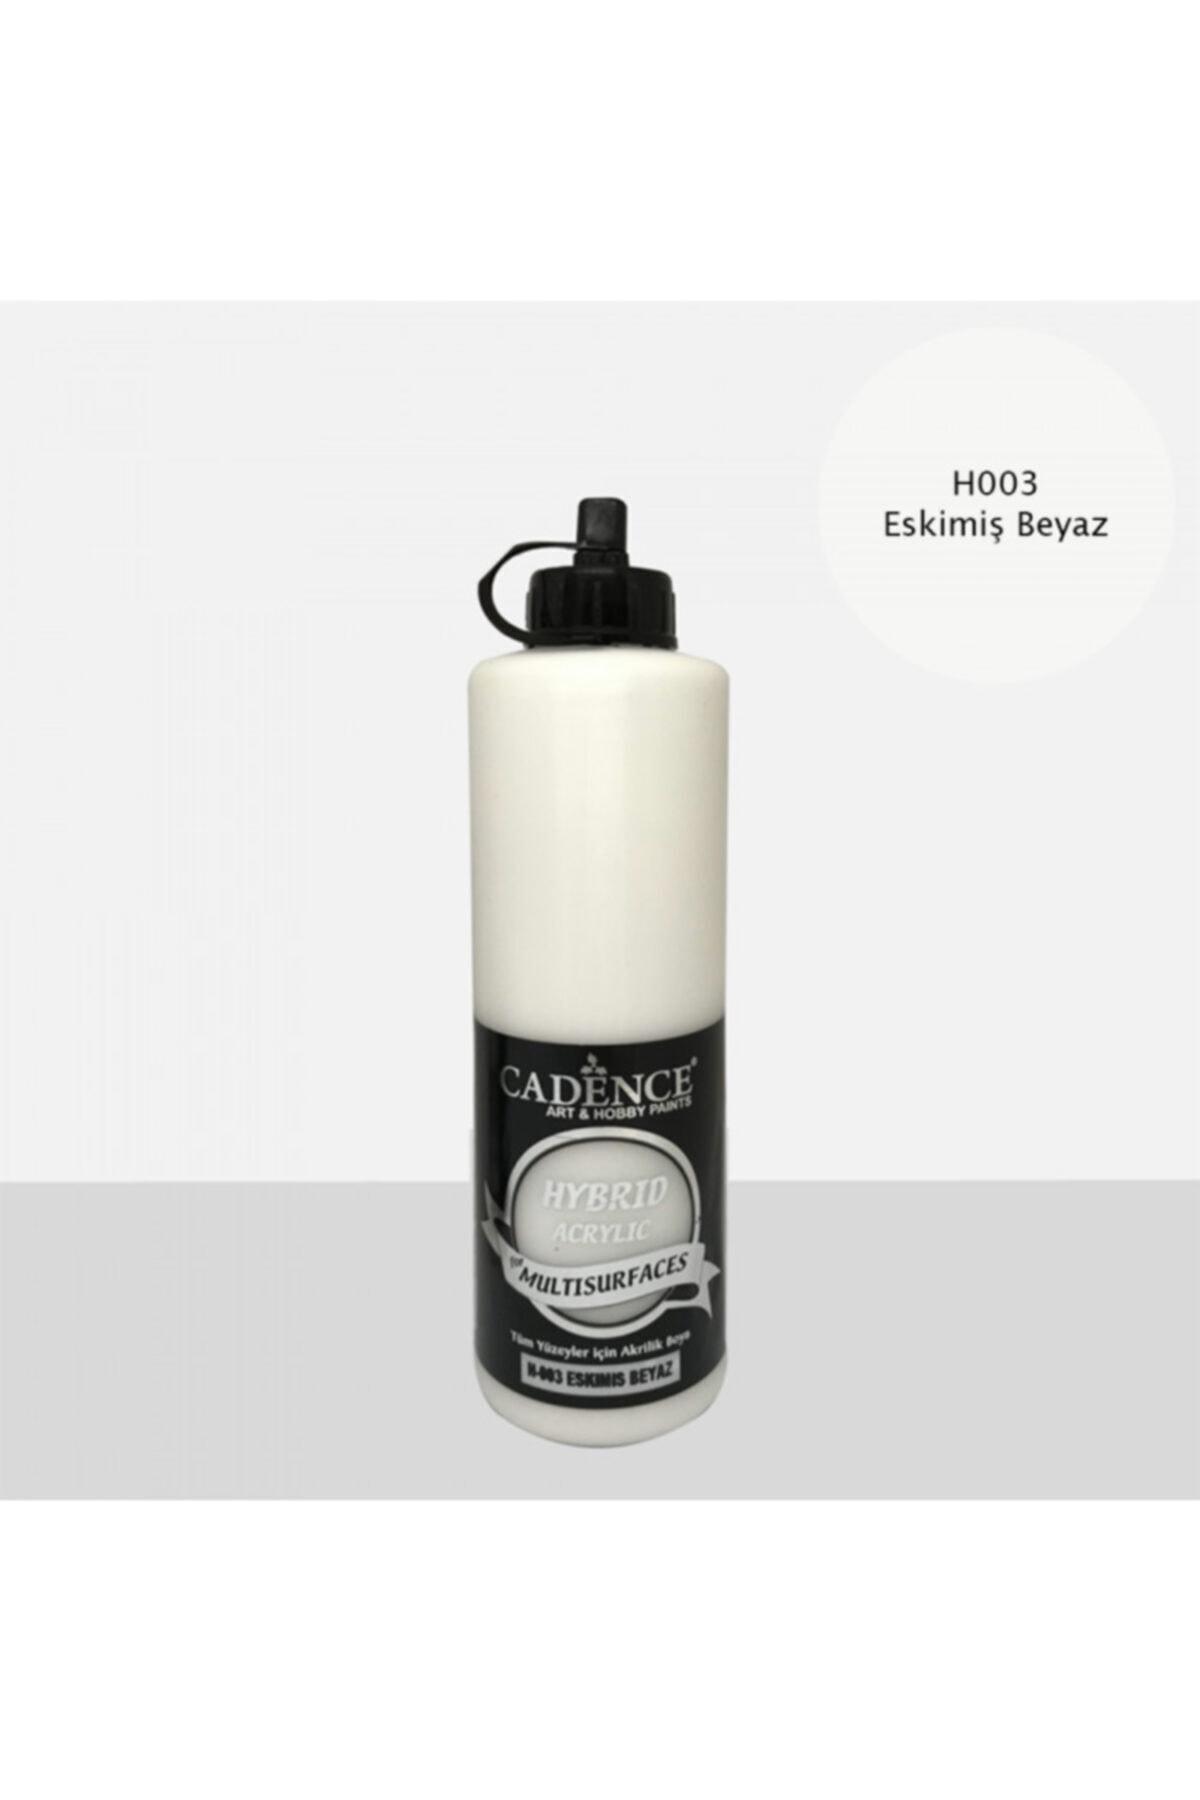 Cadence Eskimiş Beyaz Hybrid Multisurface Akrilik Boya 500 ml 1